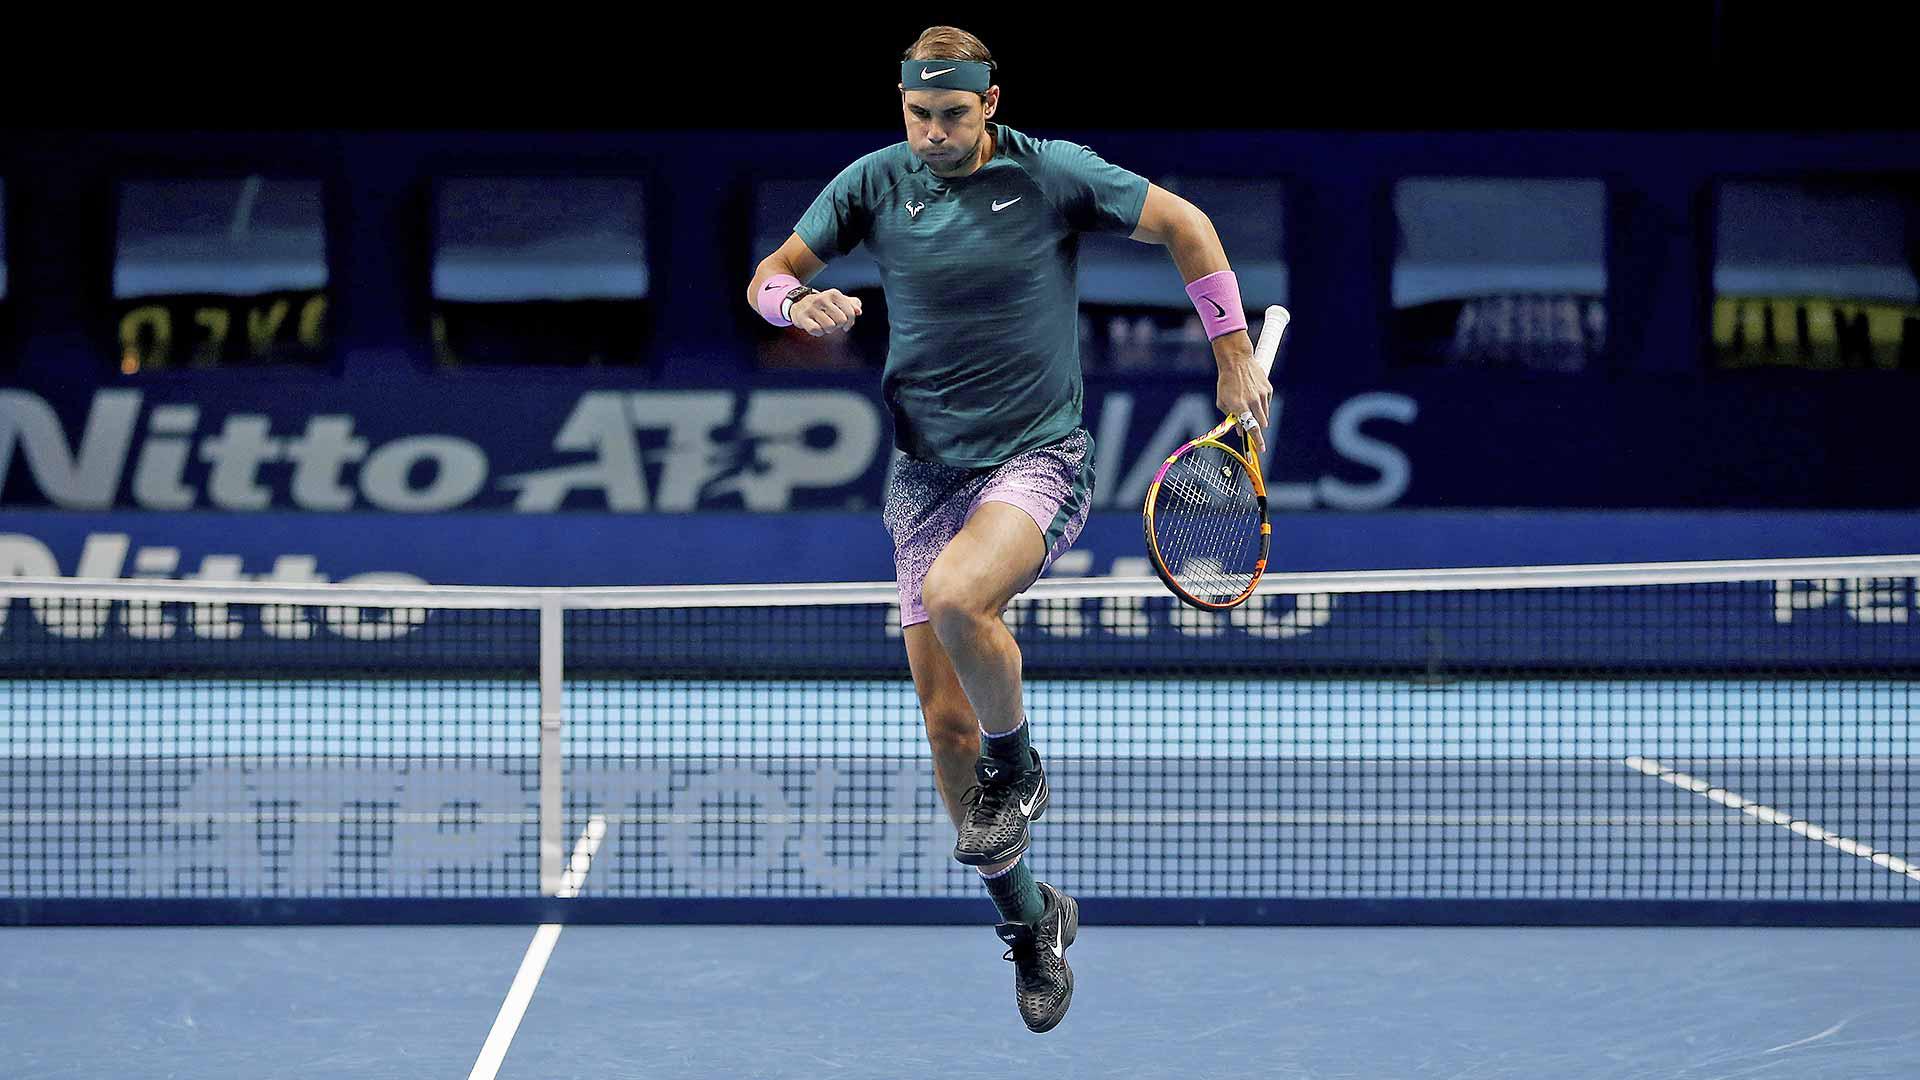 Thua ngược cay đắng, Nadal và Djokovic dắt tay rời ATP Finals - Ảnh 1.